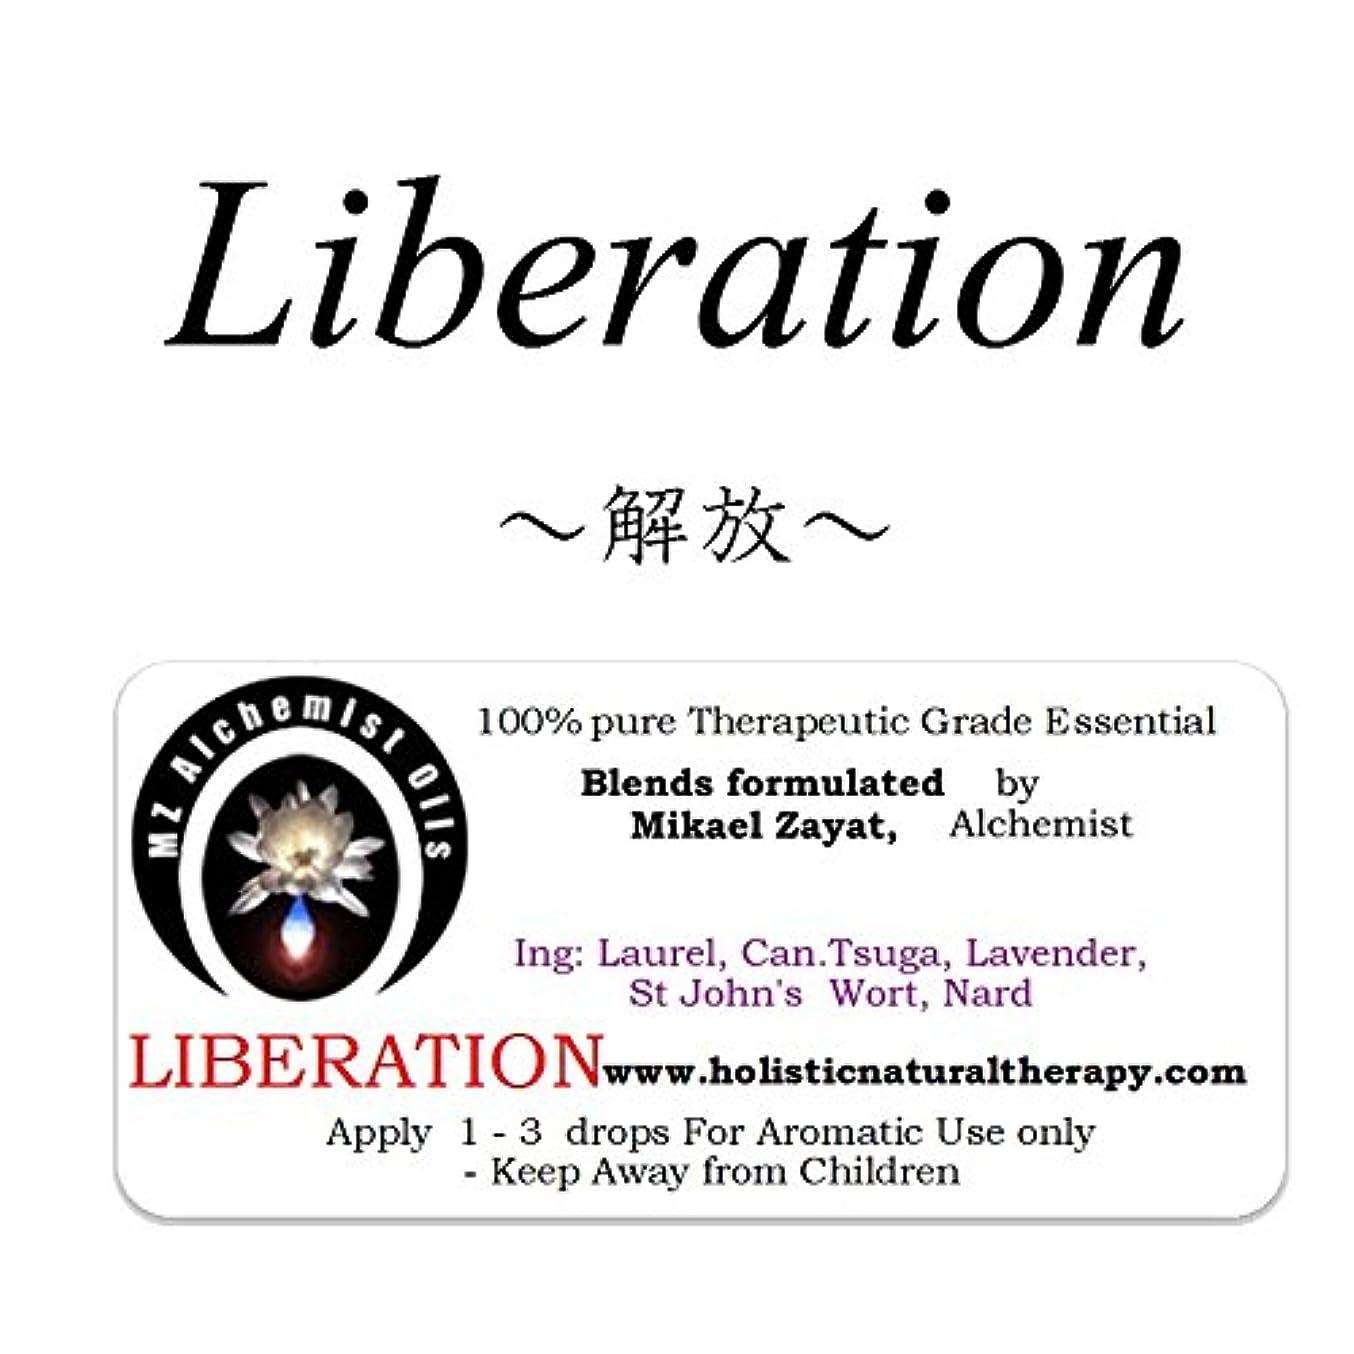 ハリウッドフライト逃すミカエル?ザヤットアルケミストオイル セラピストグレードアロマオイル Liberation-リベレーション(解放)- 4ml